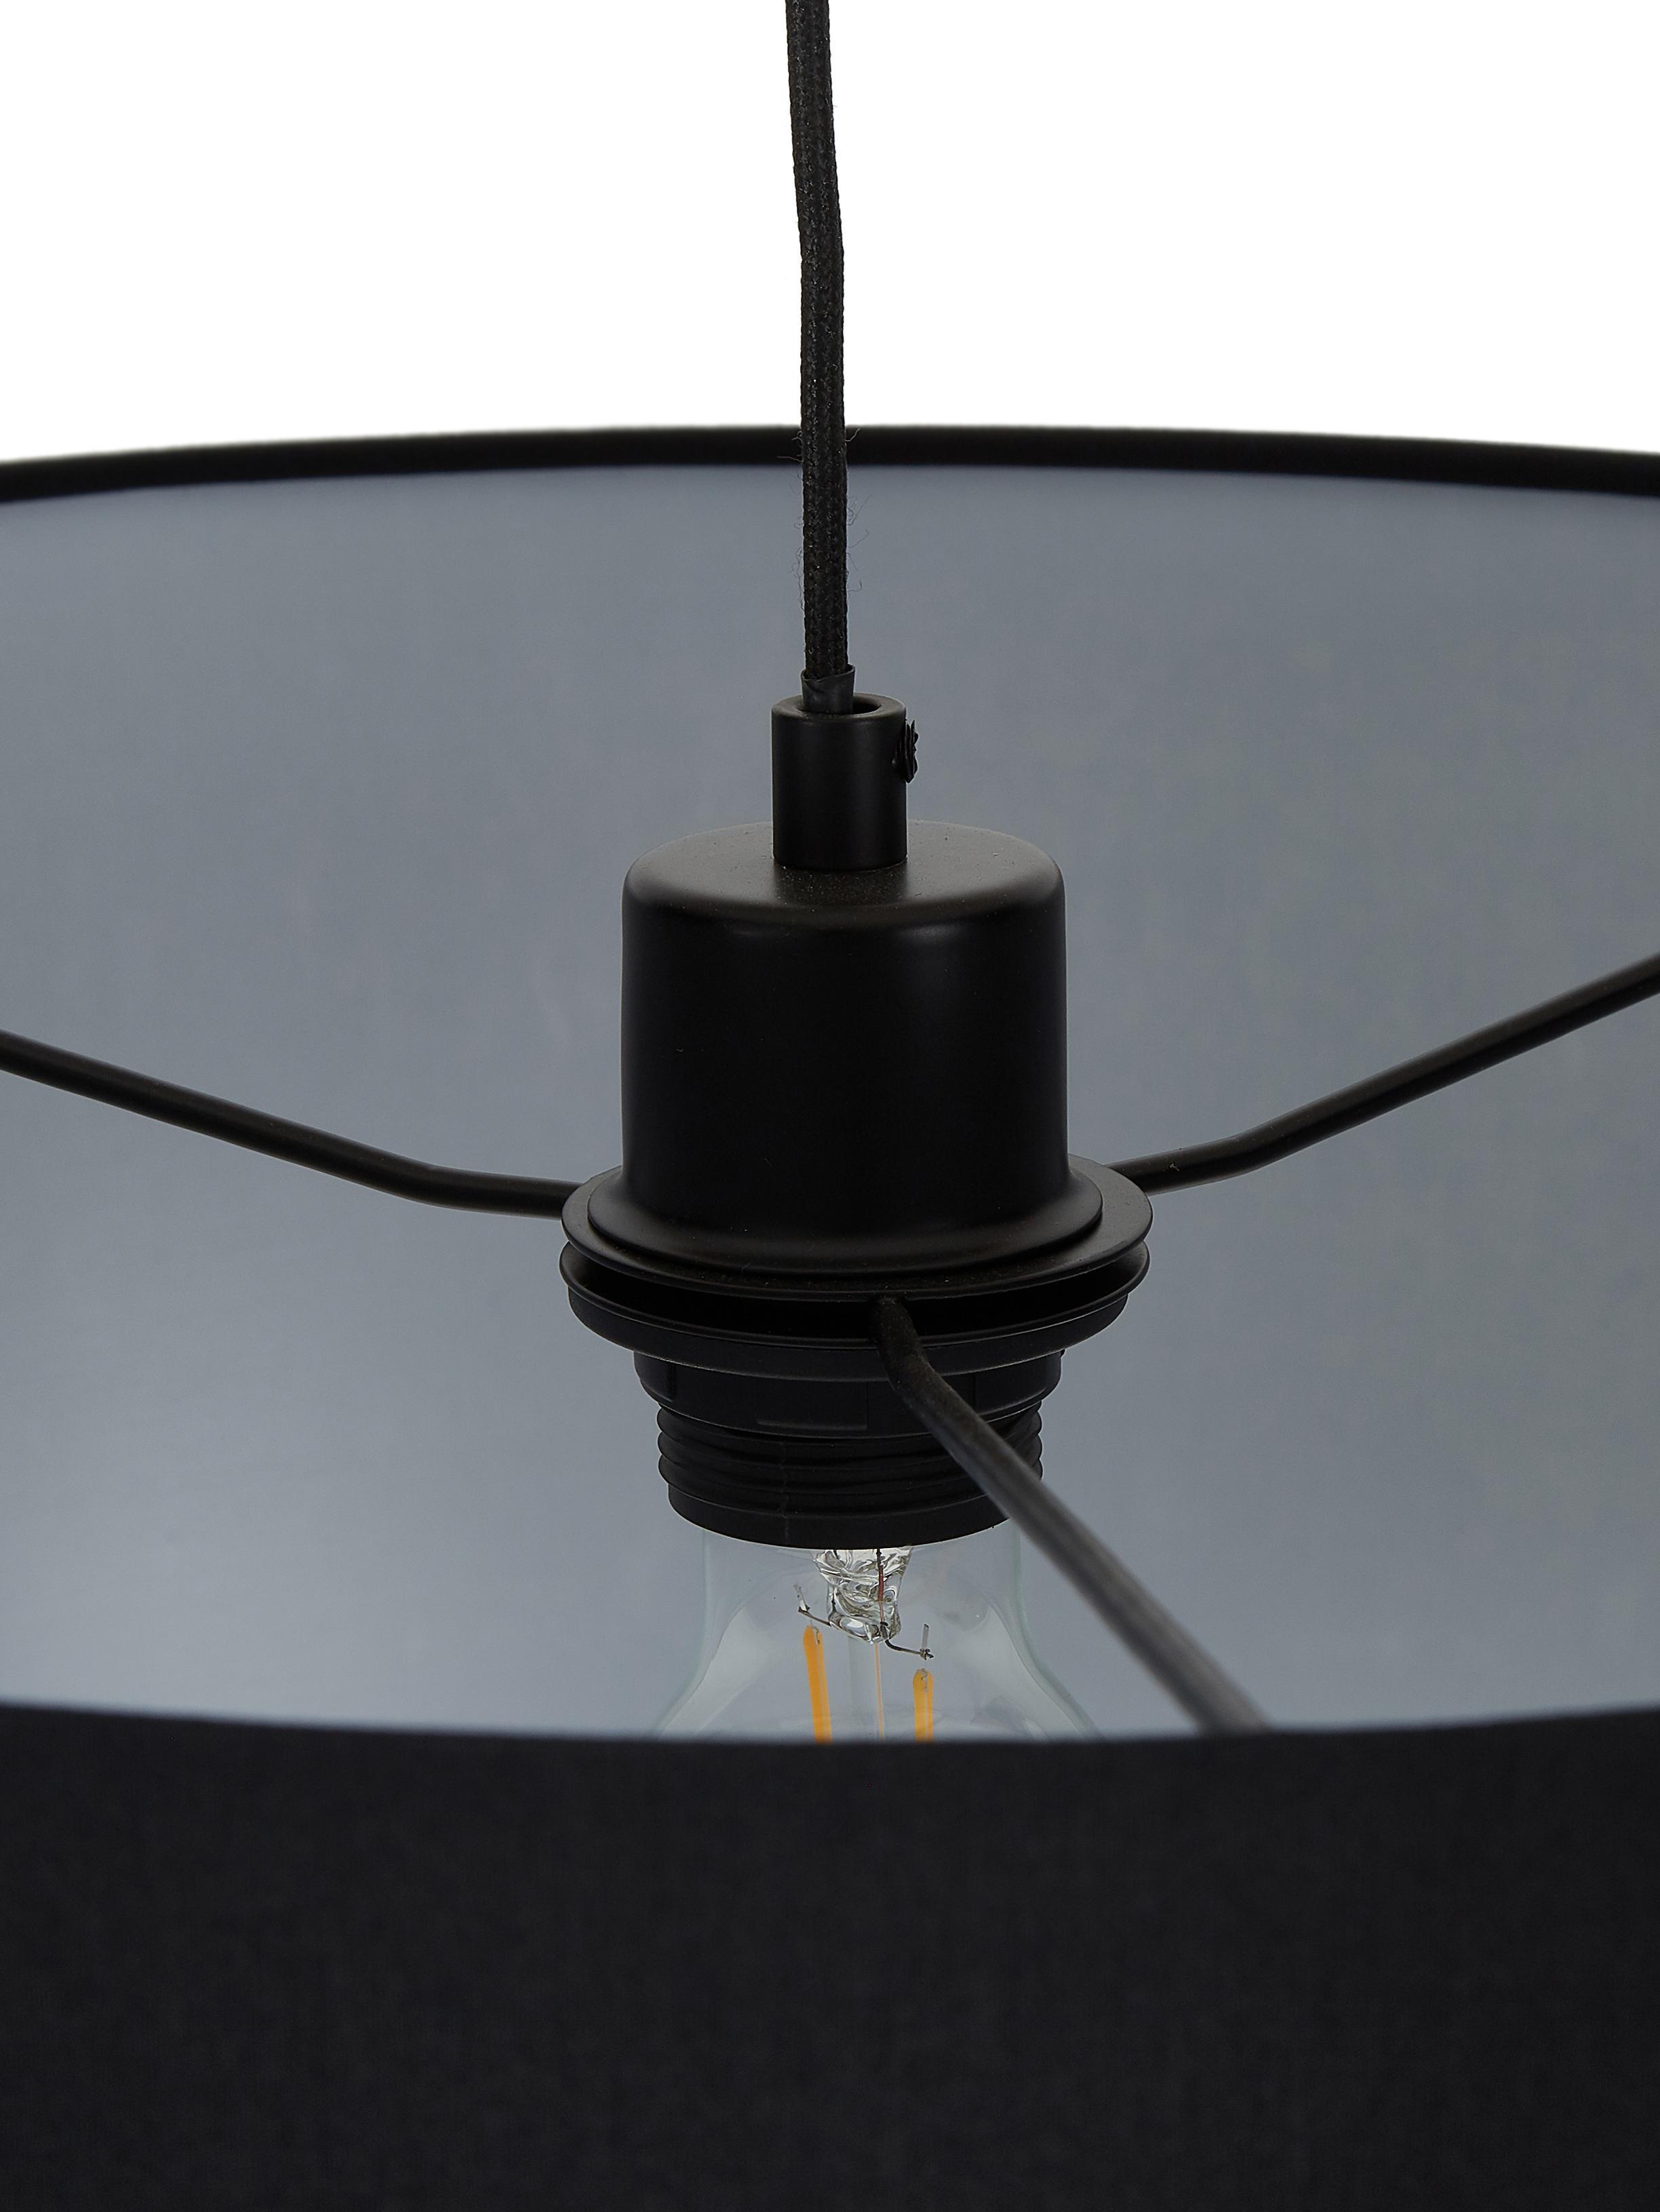 Booglamp Niels, Lampvoet: gepoedercoat metaal, Lampenkap: katoenmix, Lampenkap: zwart. Lampvoet: mat zwart. Snoer: zwart, 157 x 218 cm